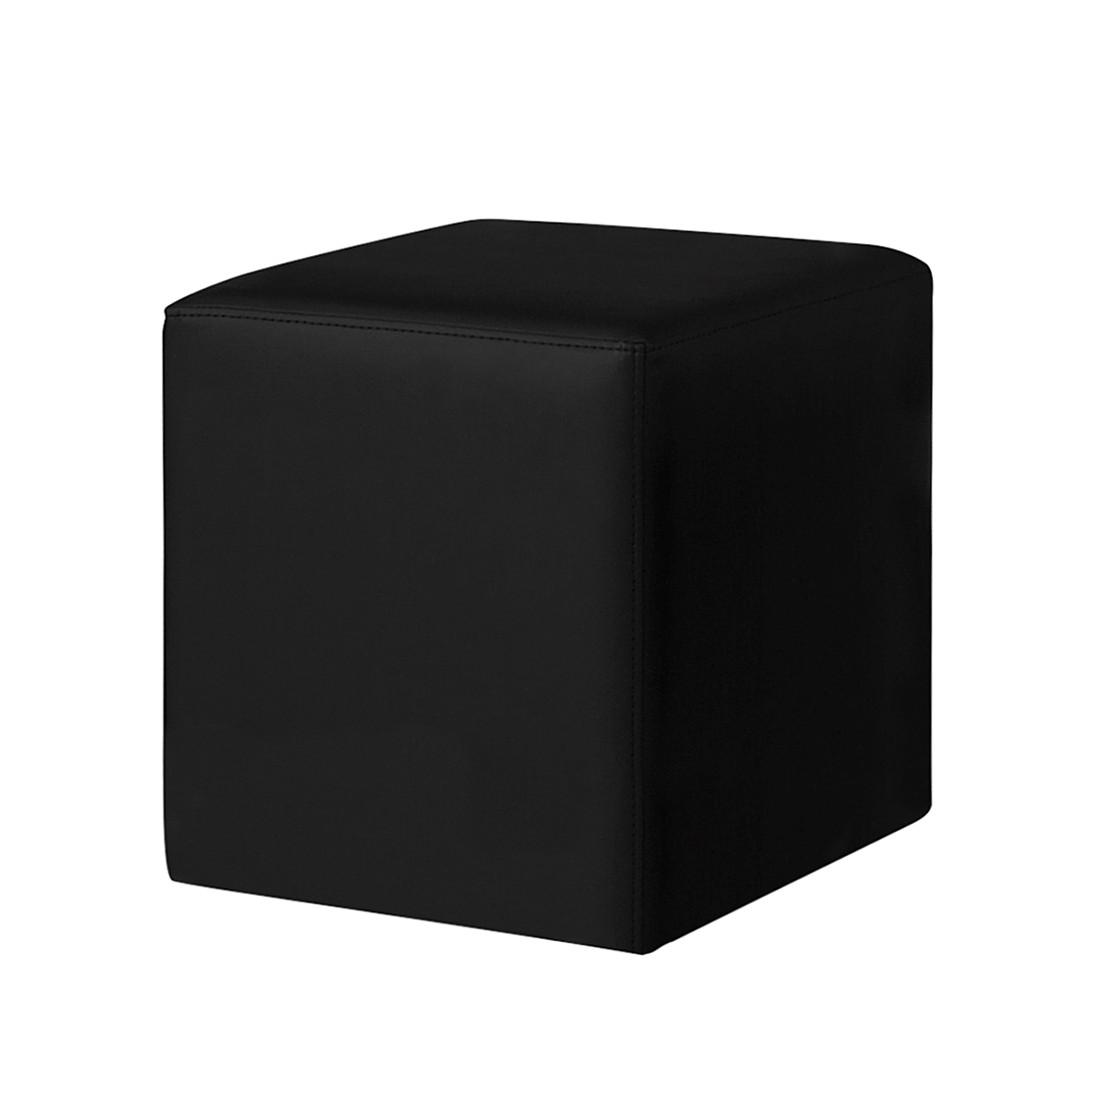 polsterw rfel cube kunstleder schwarz meise m bel g nstig kaufen. Black Bedroom Furniture Sets. Home Design Ideas